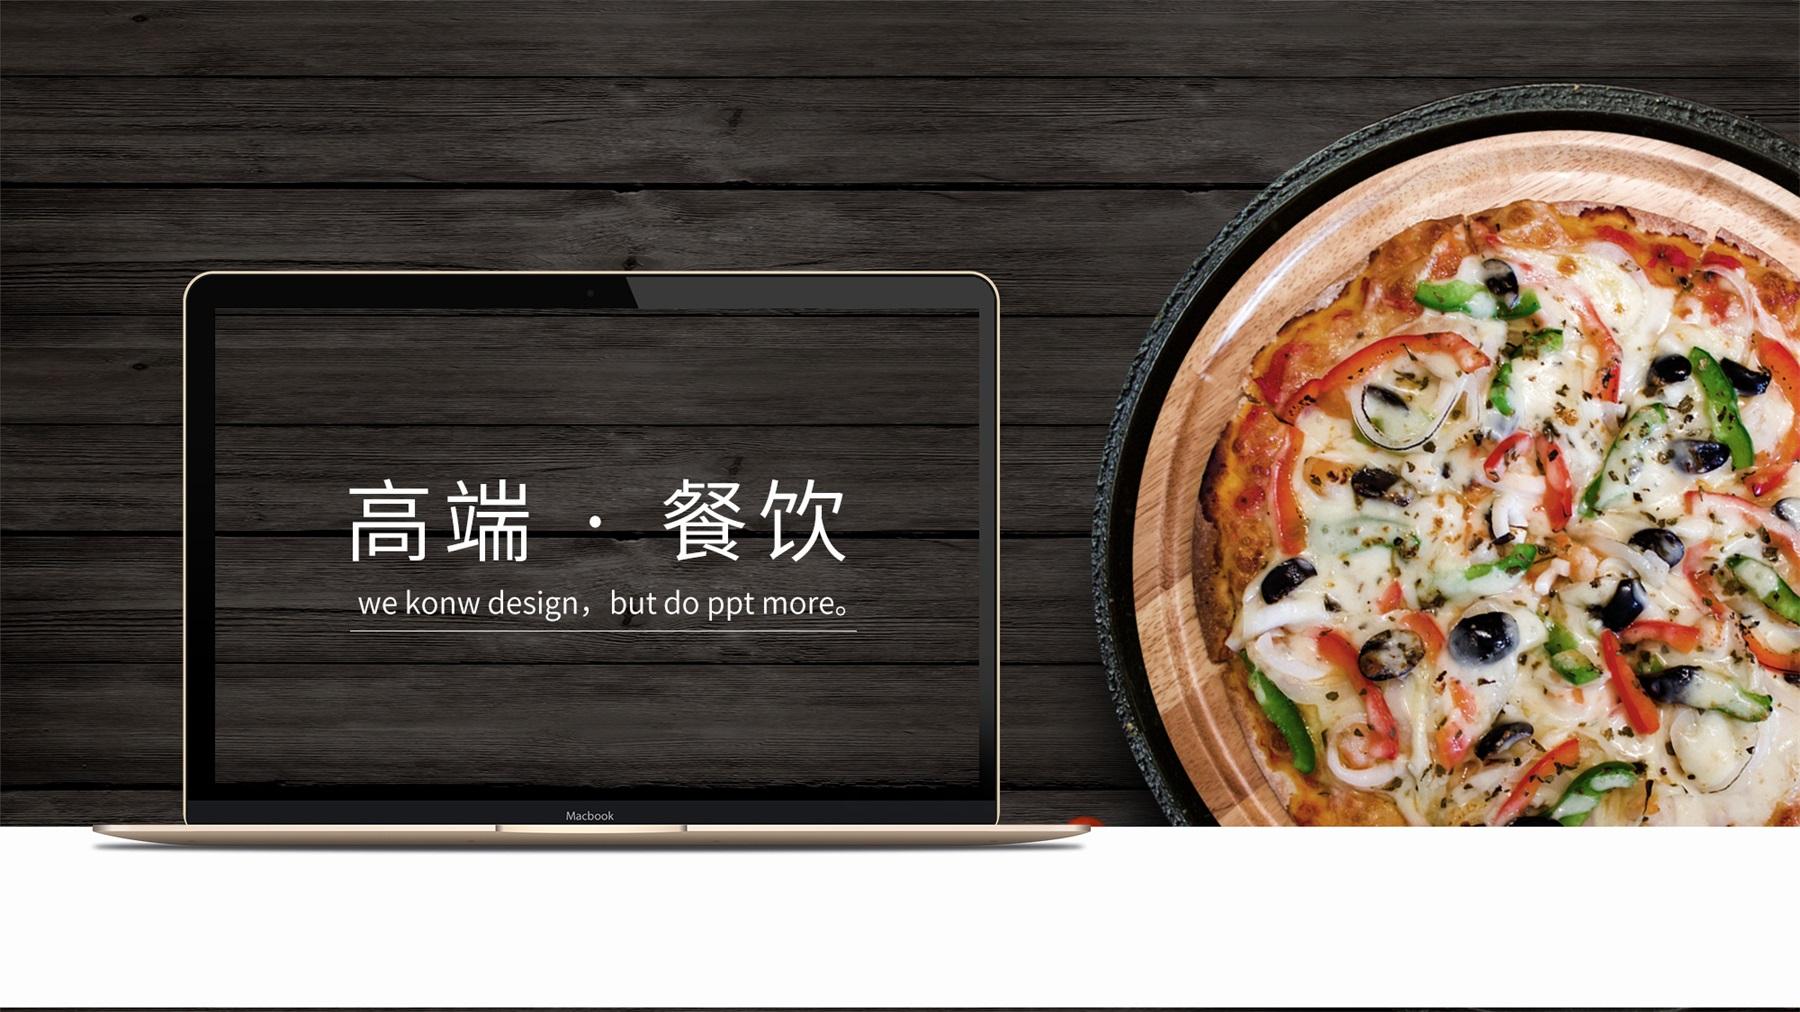 【餐饮行业】高端餐饮品牌PPT设计